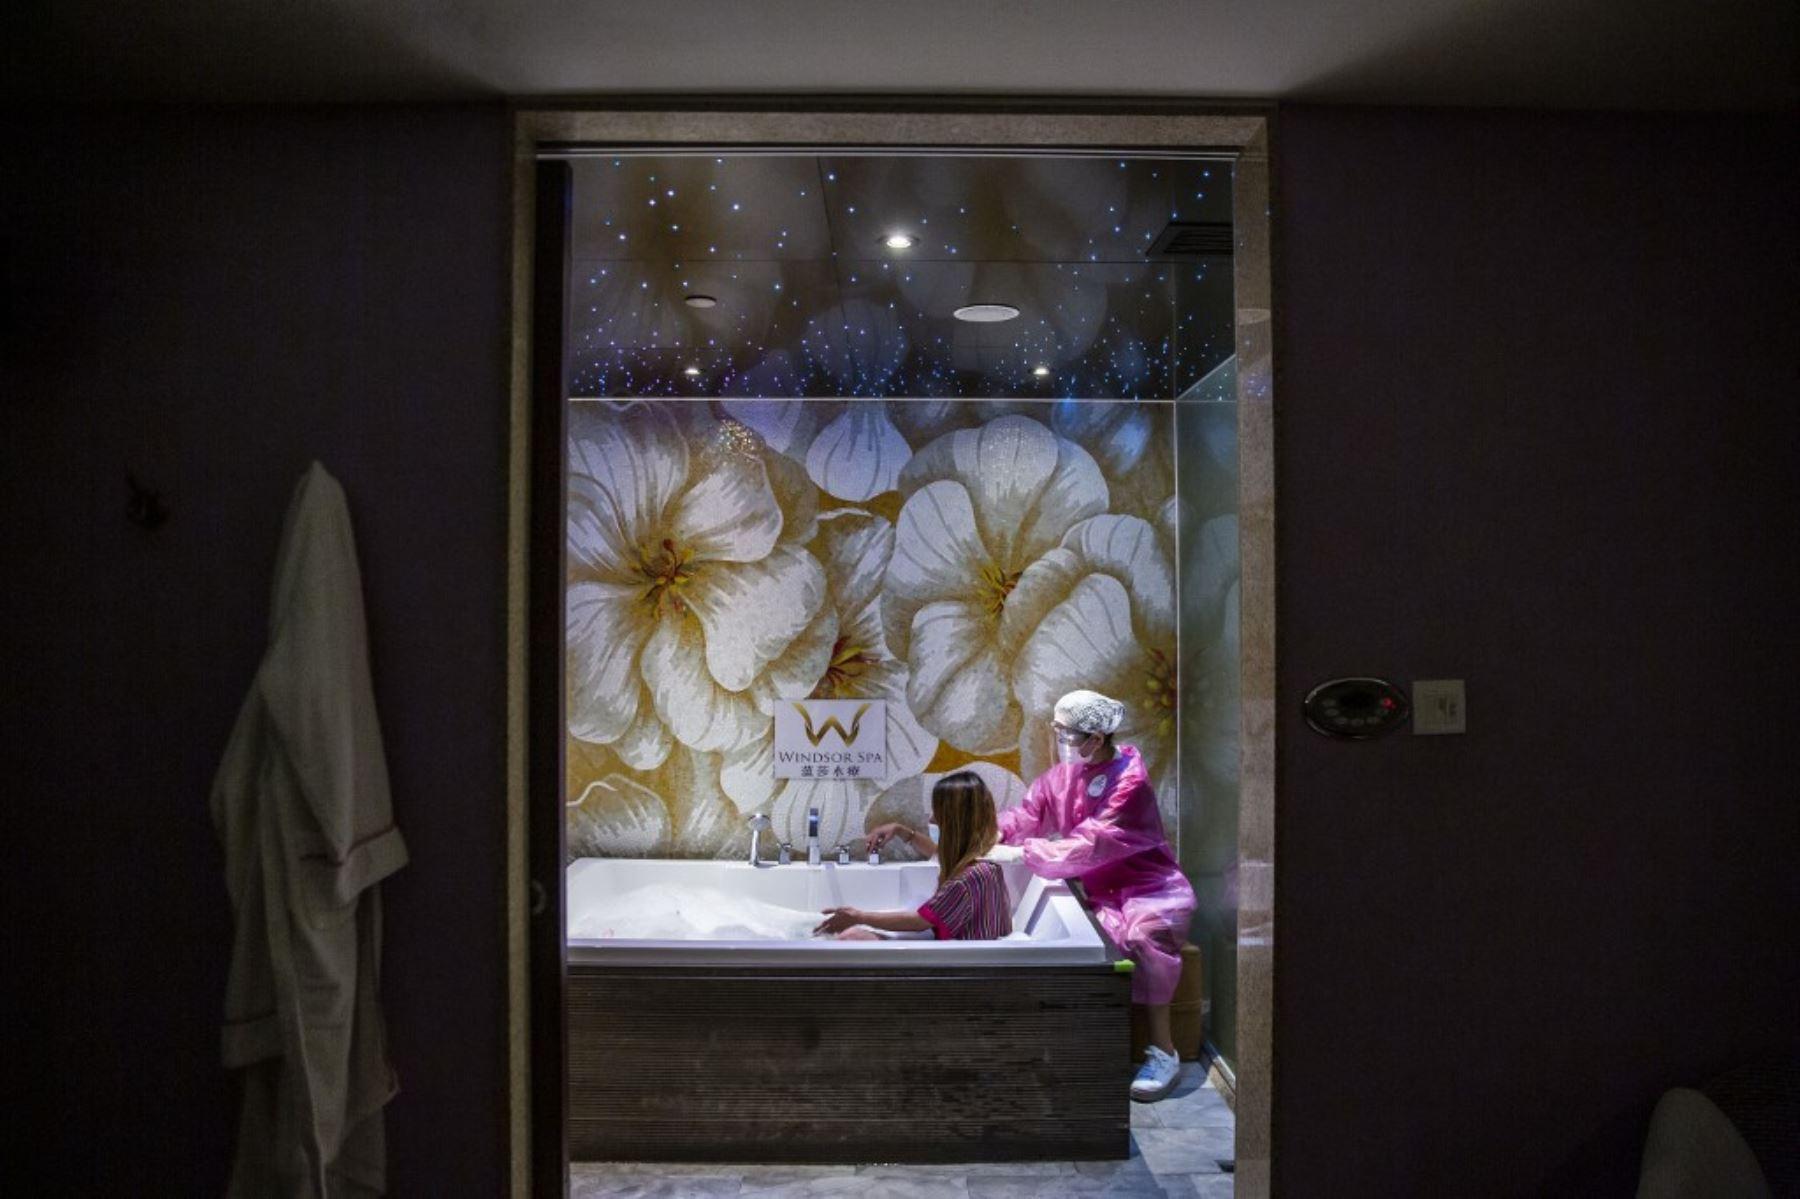 Un empleado que usa una máscara, protector facial y bata le da a un cliente un masaje en un spa en una casa de baños en Hong Kong, donde abrieron bares, piscinas y parques de diversiones, con restricciones después de los cierres debido a la tercera ola del coronavirus covid-19. Foto:AFP